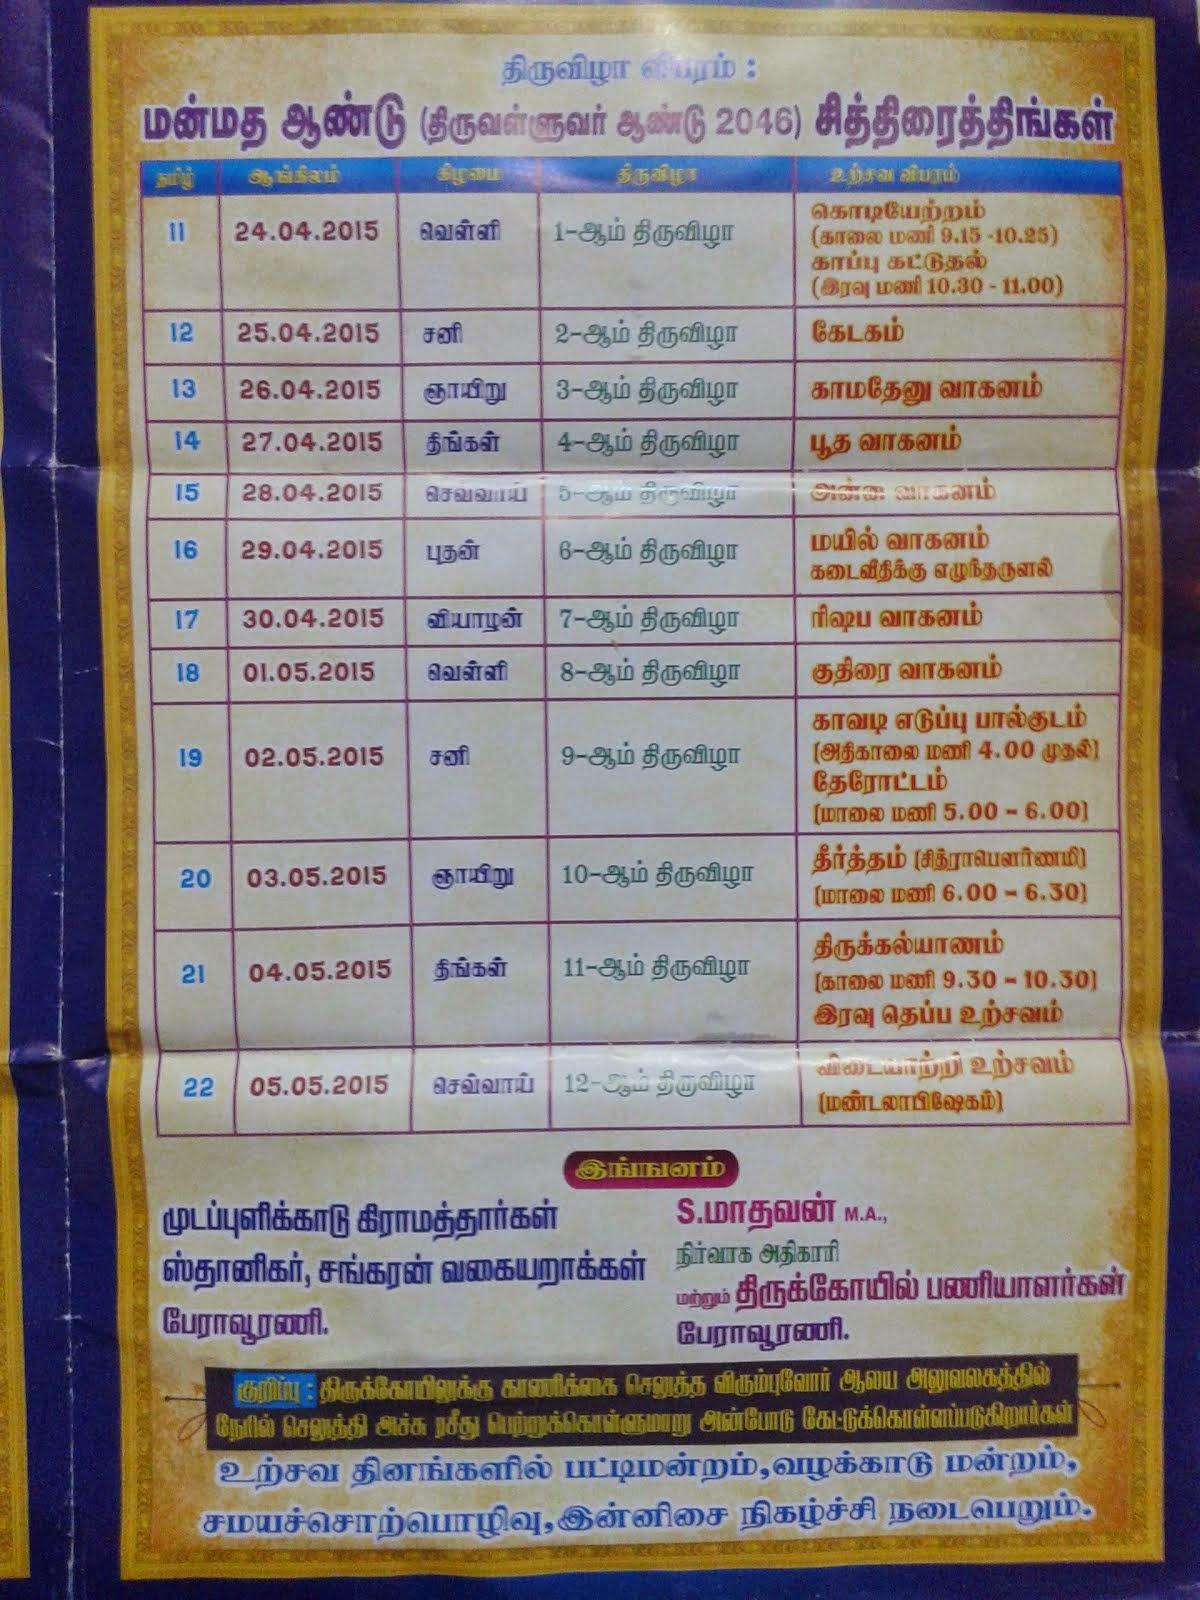 Sri Neevi3